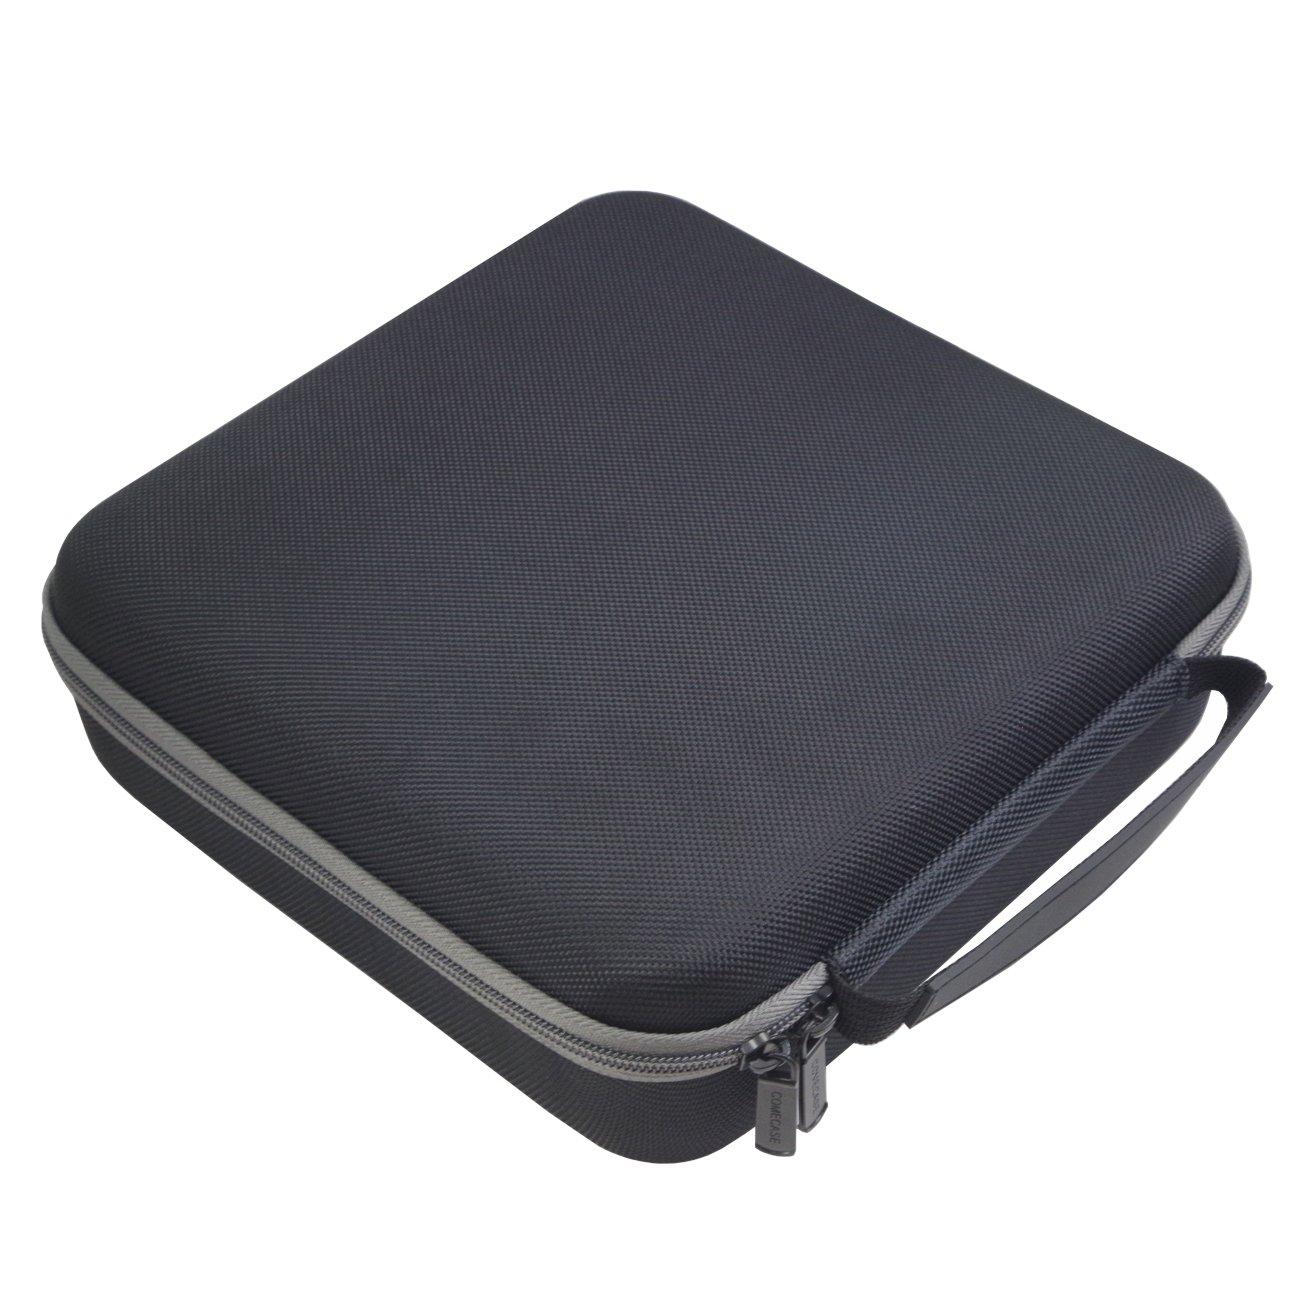 Hard Case Tasche Speicher f/ür NOCO Genius Boost Plus GB40 1.000A ultra-sicheres 12V-Lithium-Starthilfeger/ät von Comecase